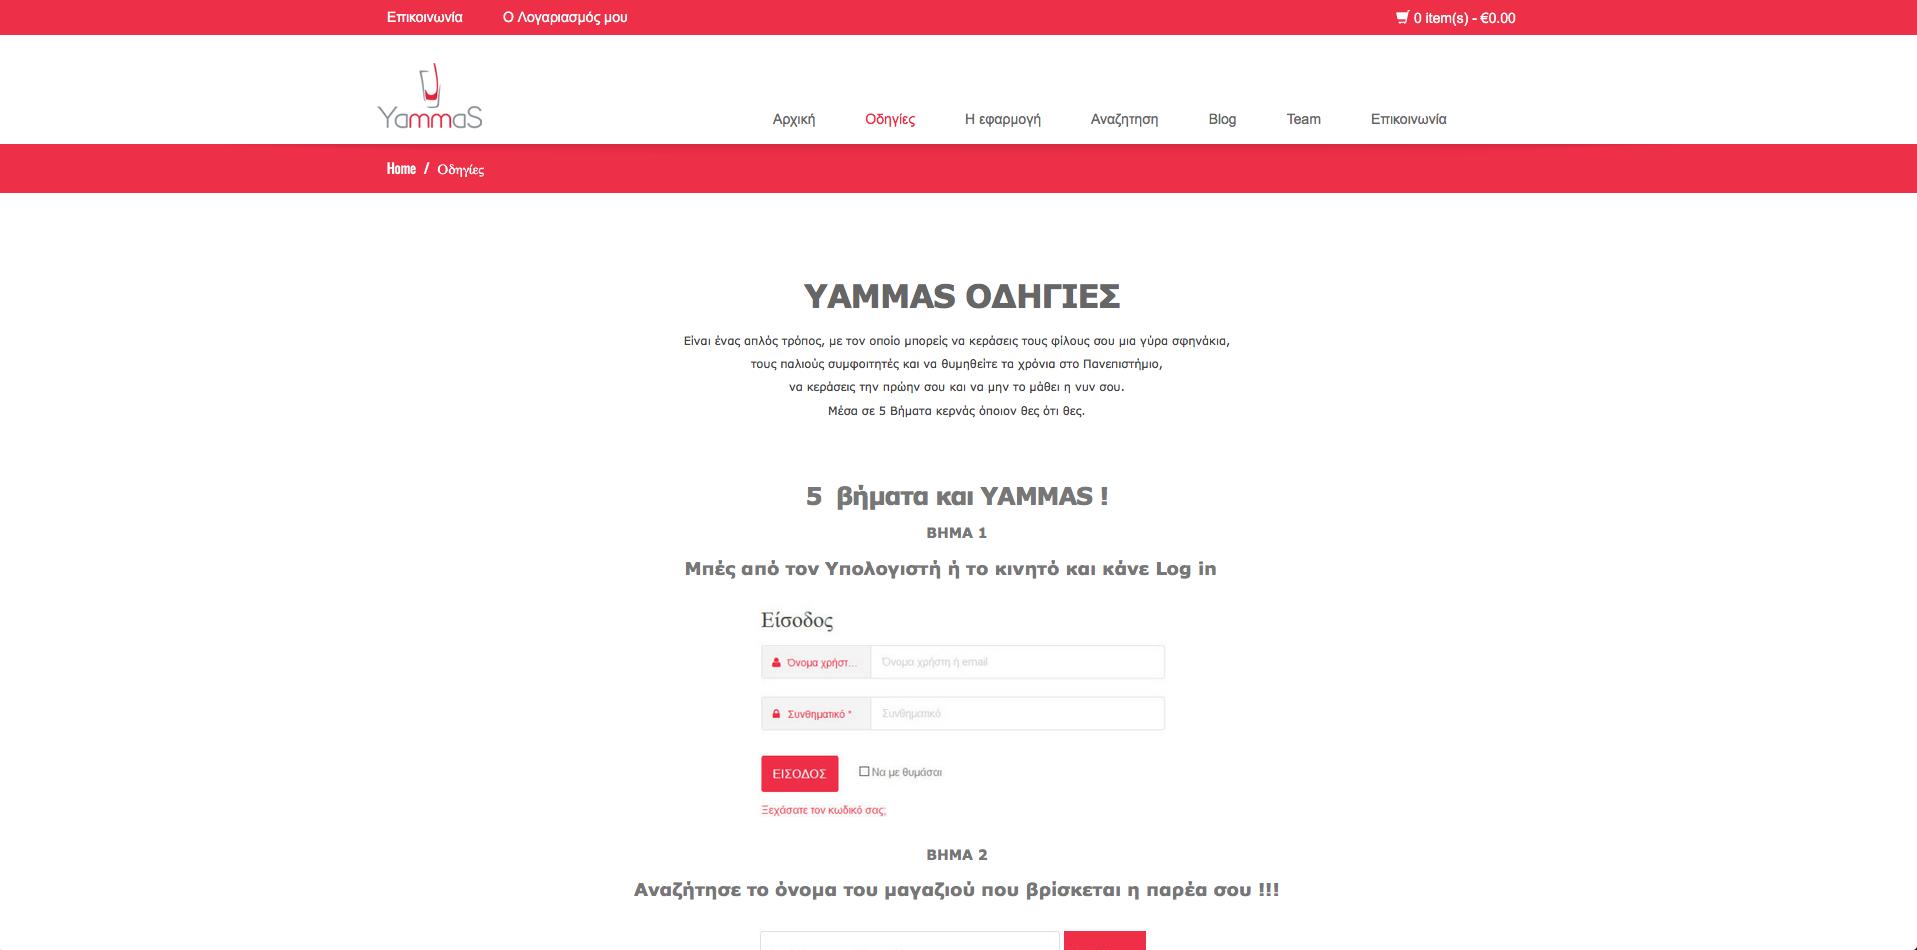 Συνέντευξη Startup.gr: O Πάνος Παραβατός μας μιλά για το Yammas